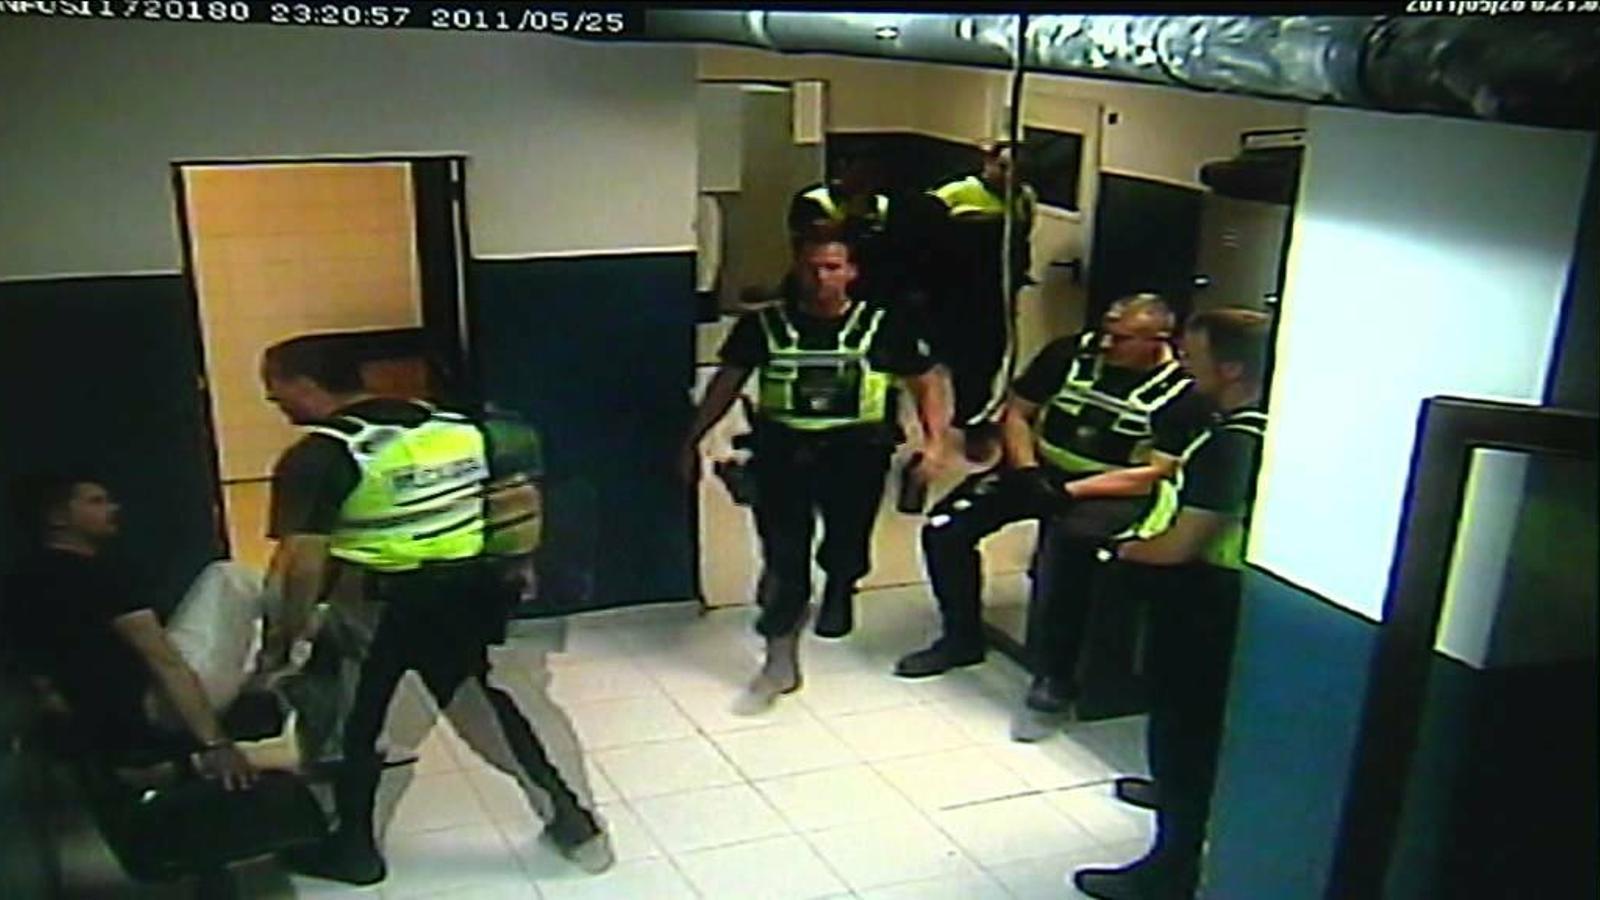 Una sentència obliga a l'asseguradora d'un policia maltractador a assumir la seva defensa jurídica